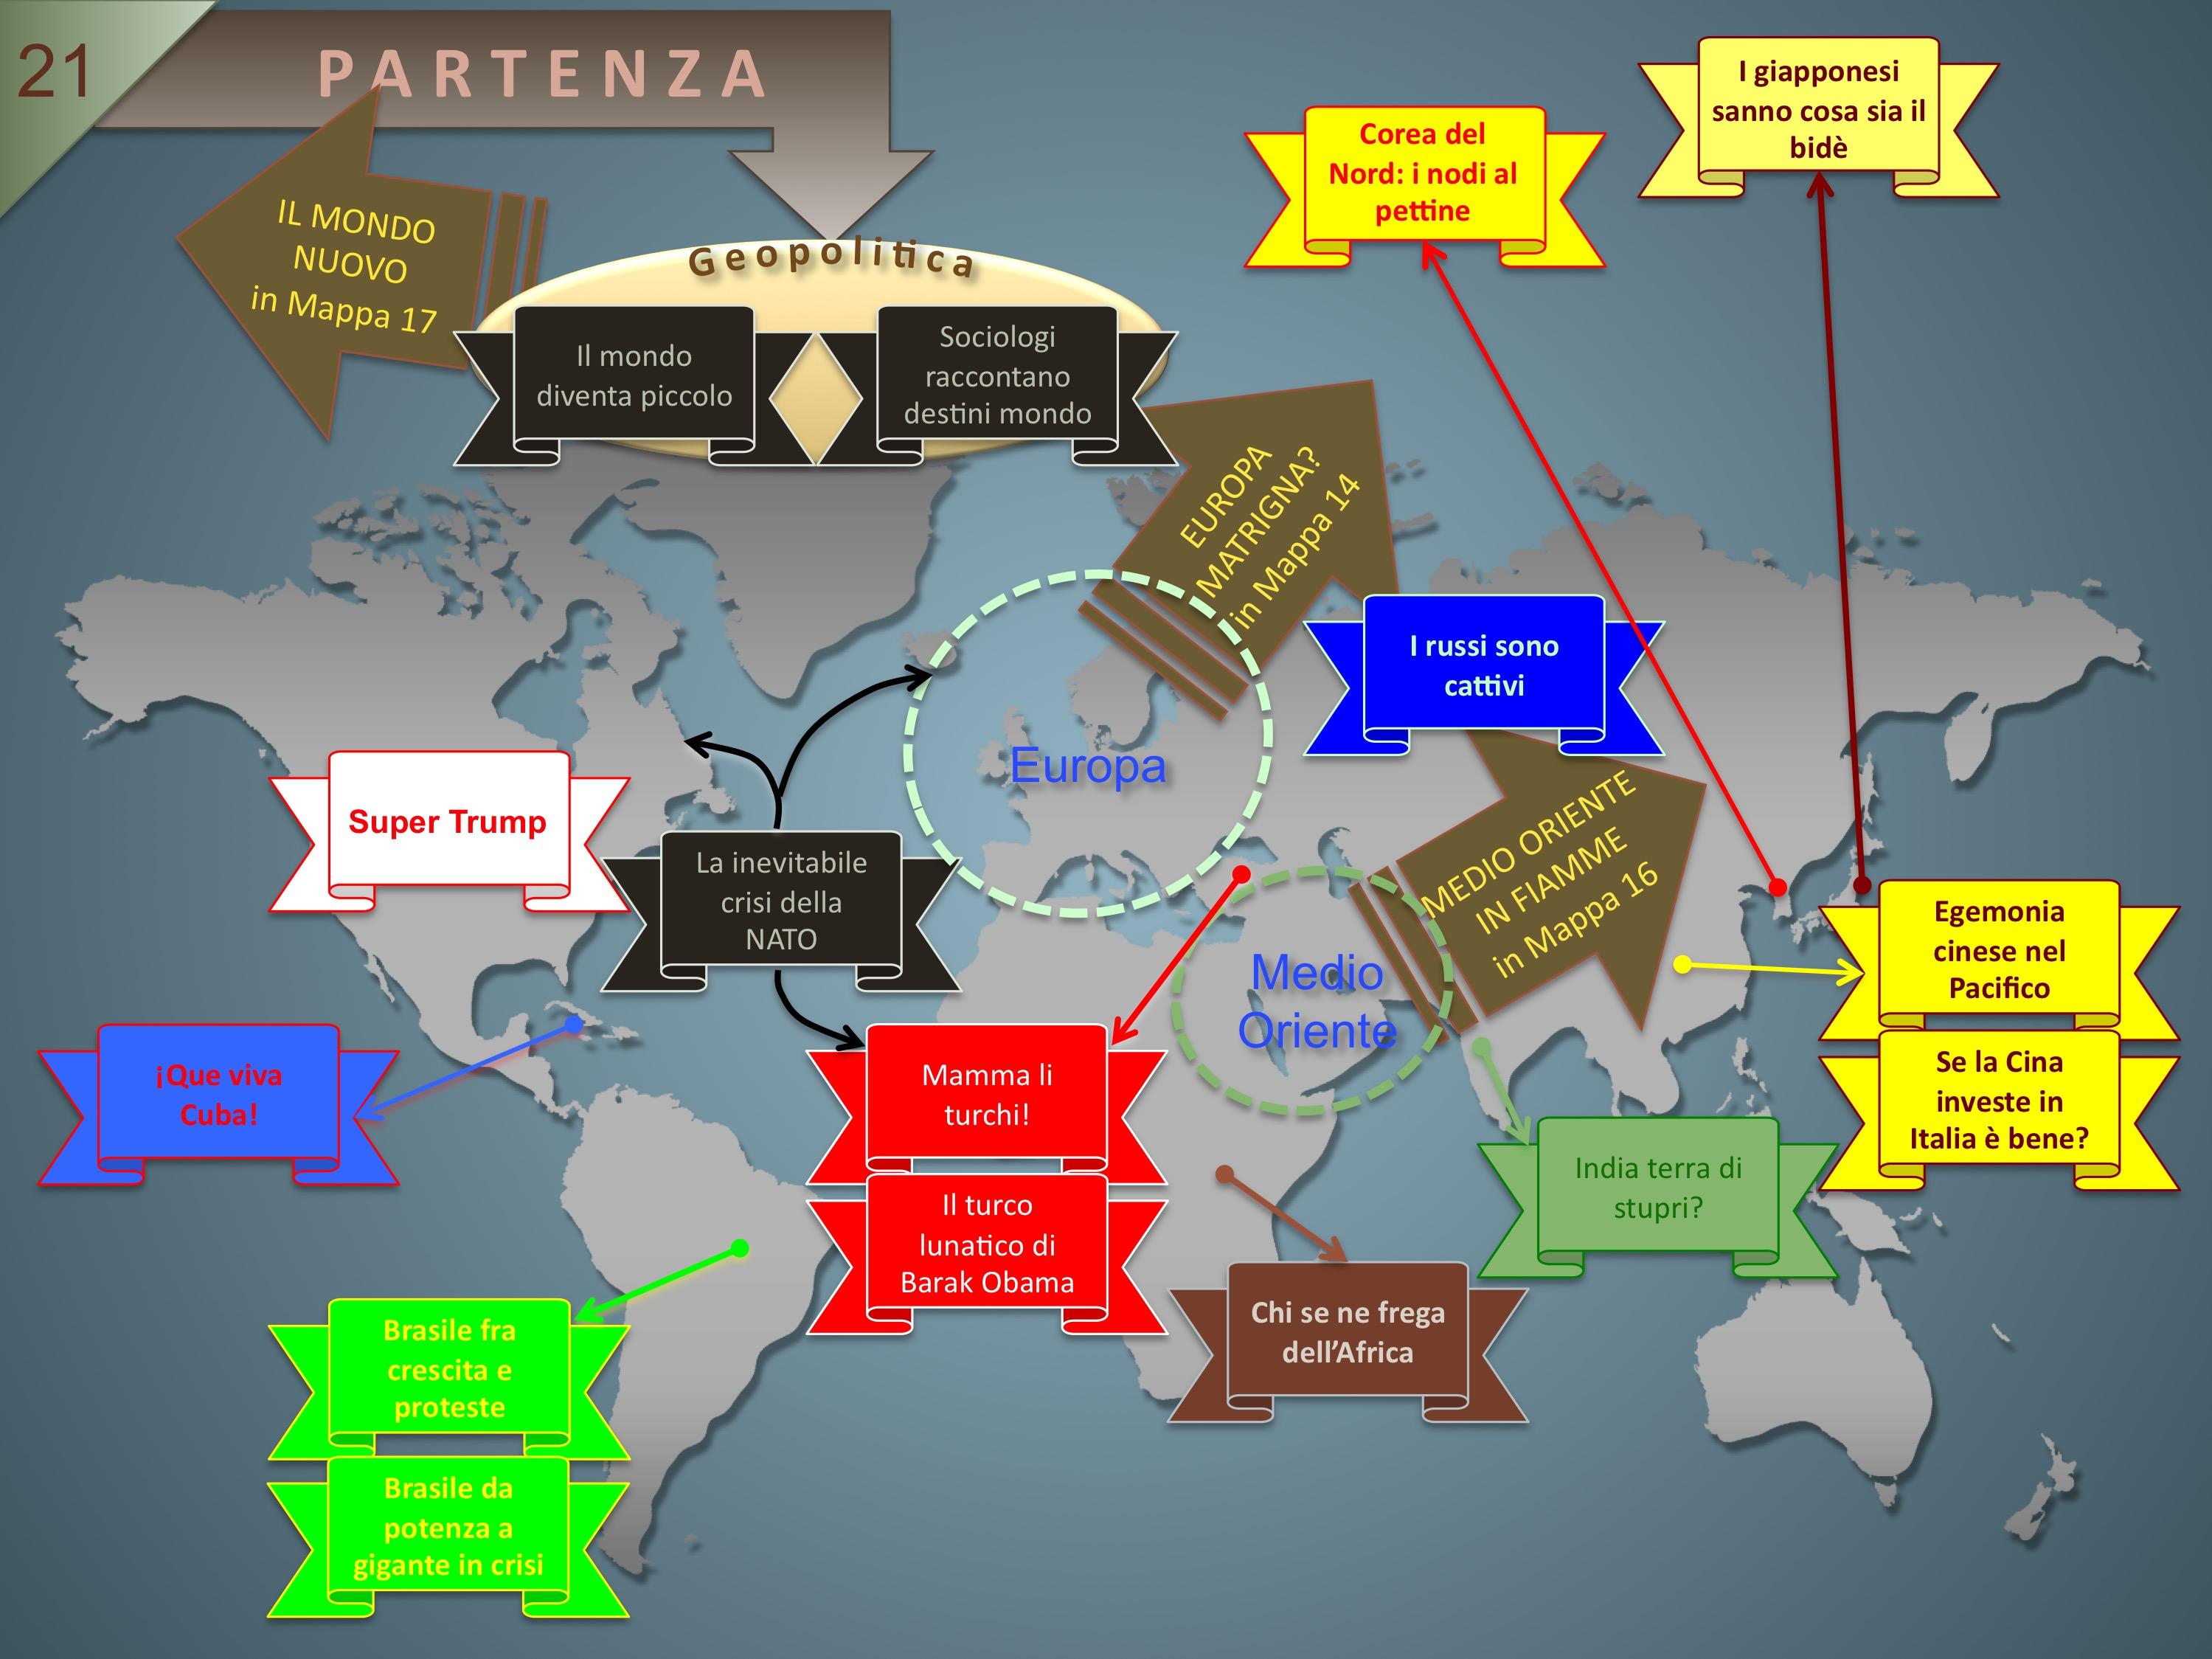 Mappa 21Geopolitica